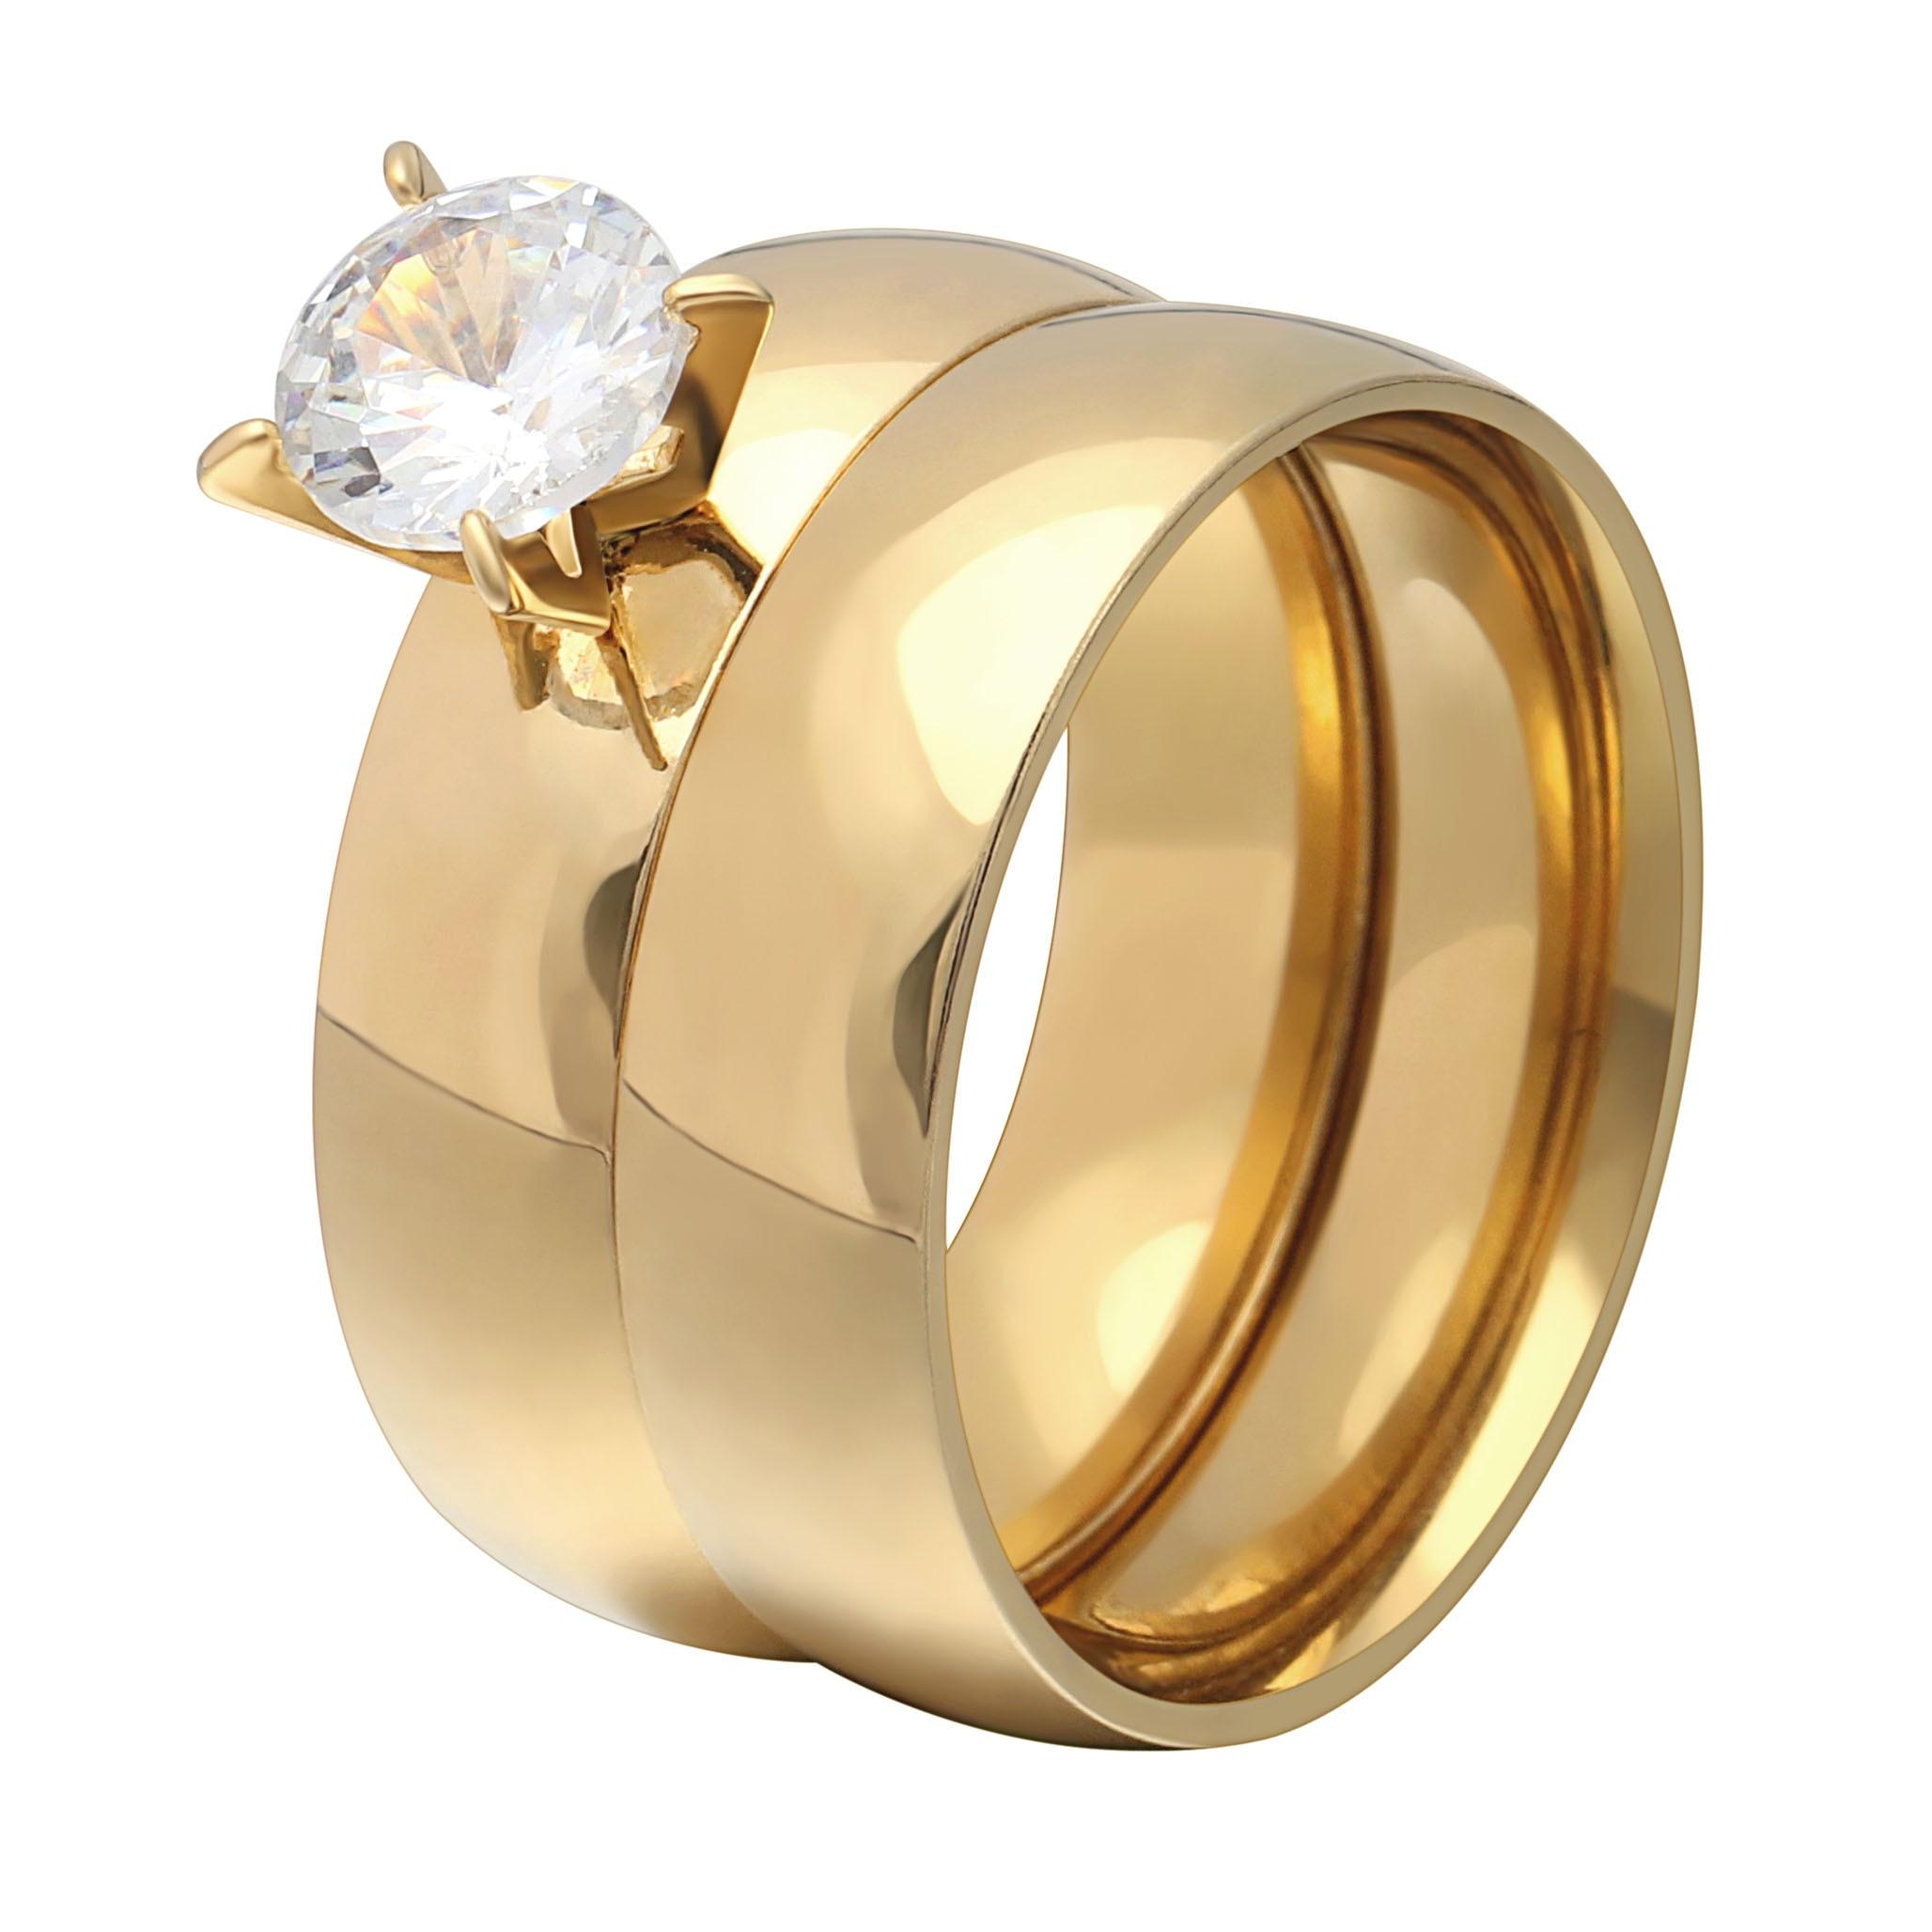 New Gold Farbe Weiß 8mm Zirkon Edelstahl Jubiläum Hochzeit Ringe für Frauen Schmuck